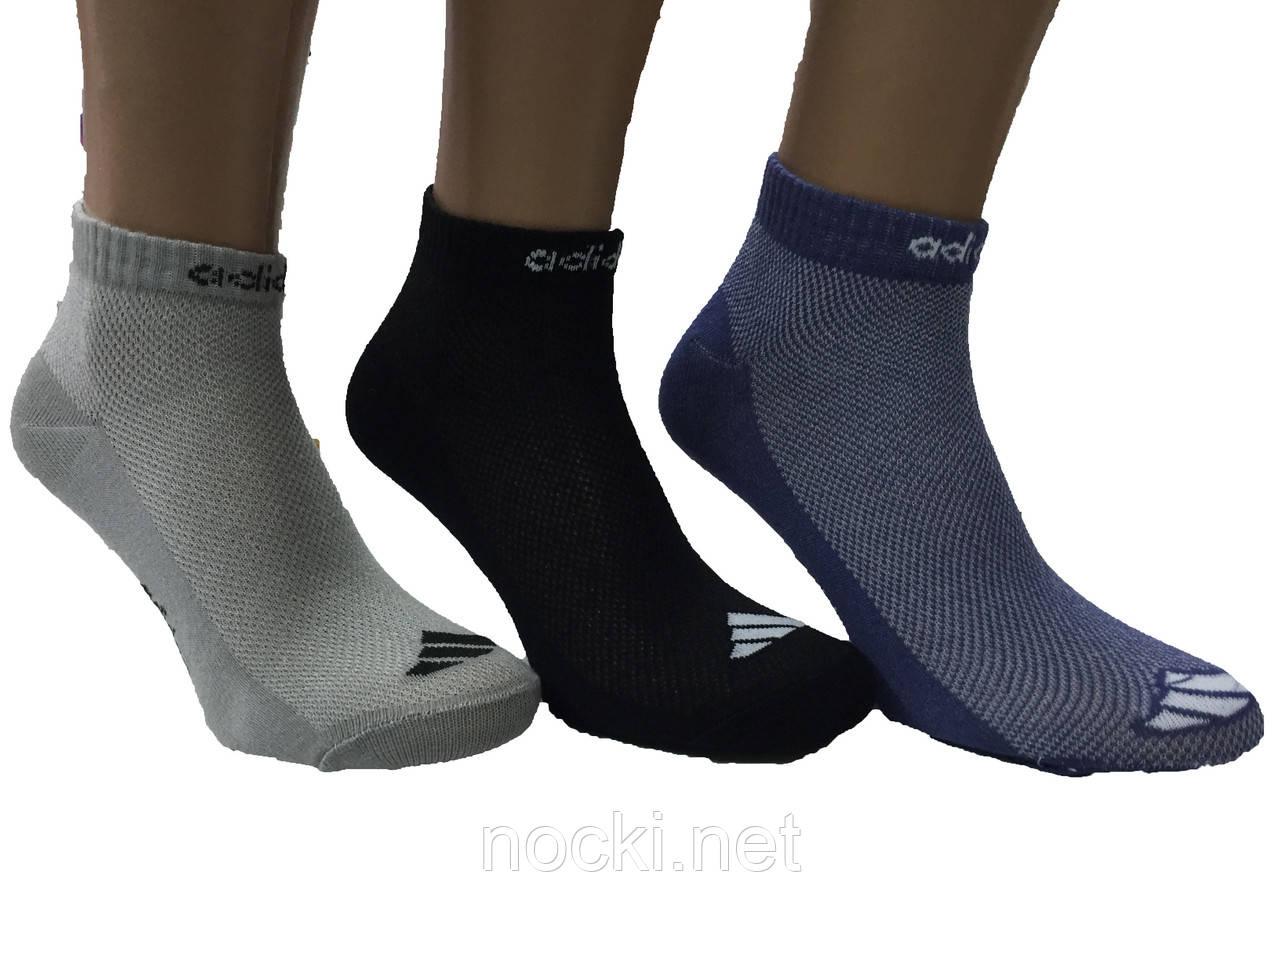 157df06ef562 Носки мужские короткие сетка спорт Adidas пр-во Турция: продажа, цена в  Харькове. ...